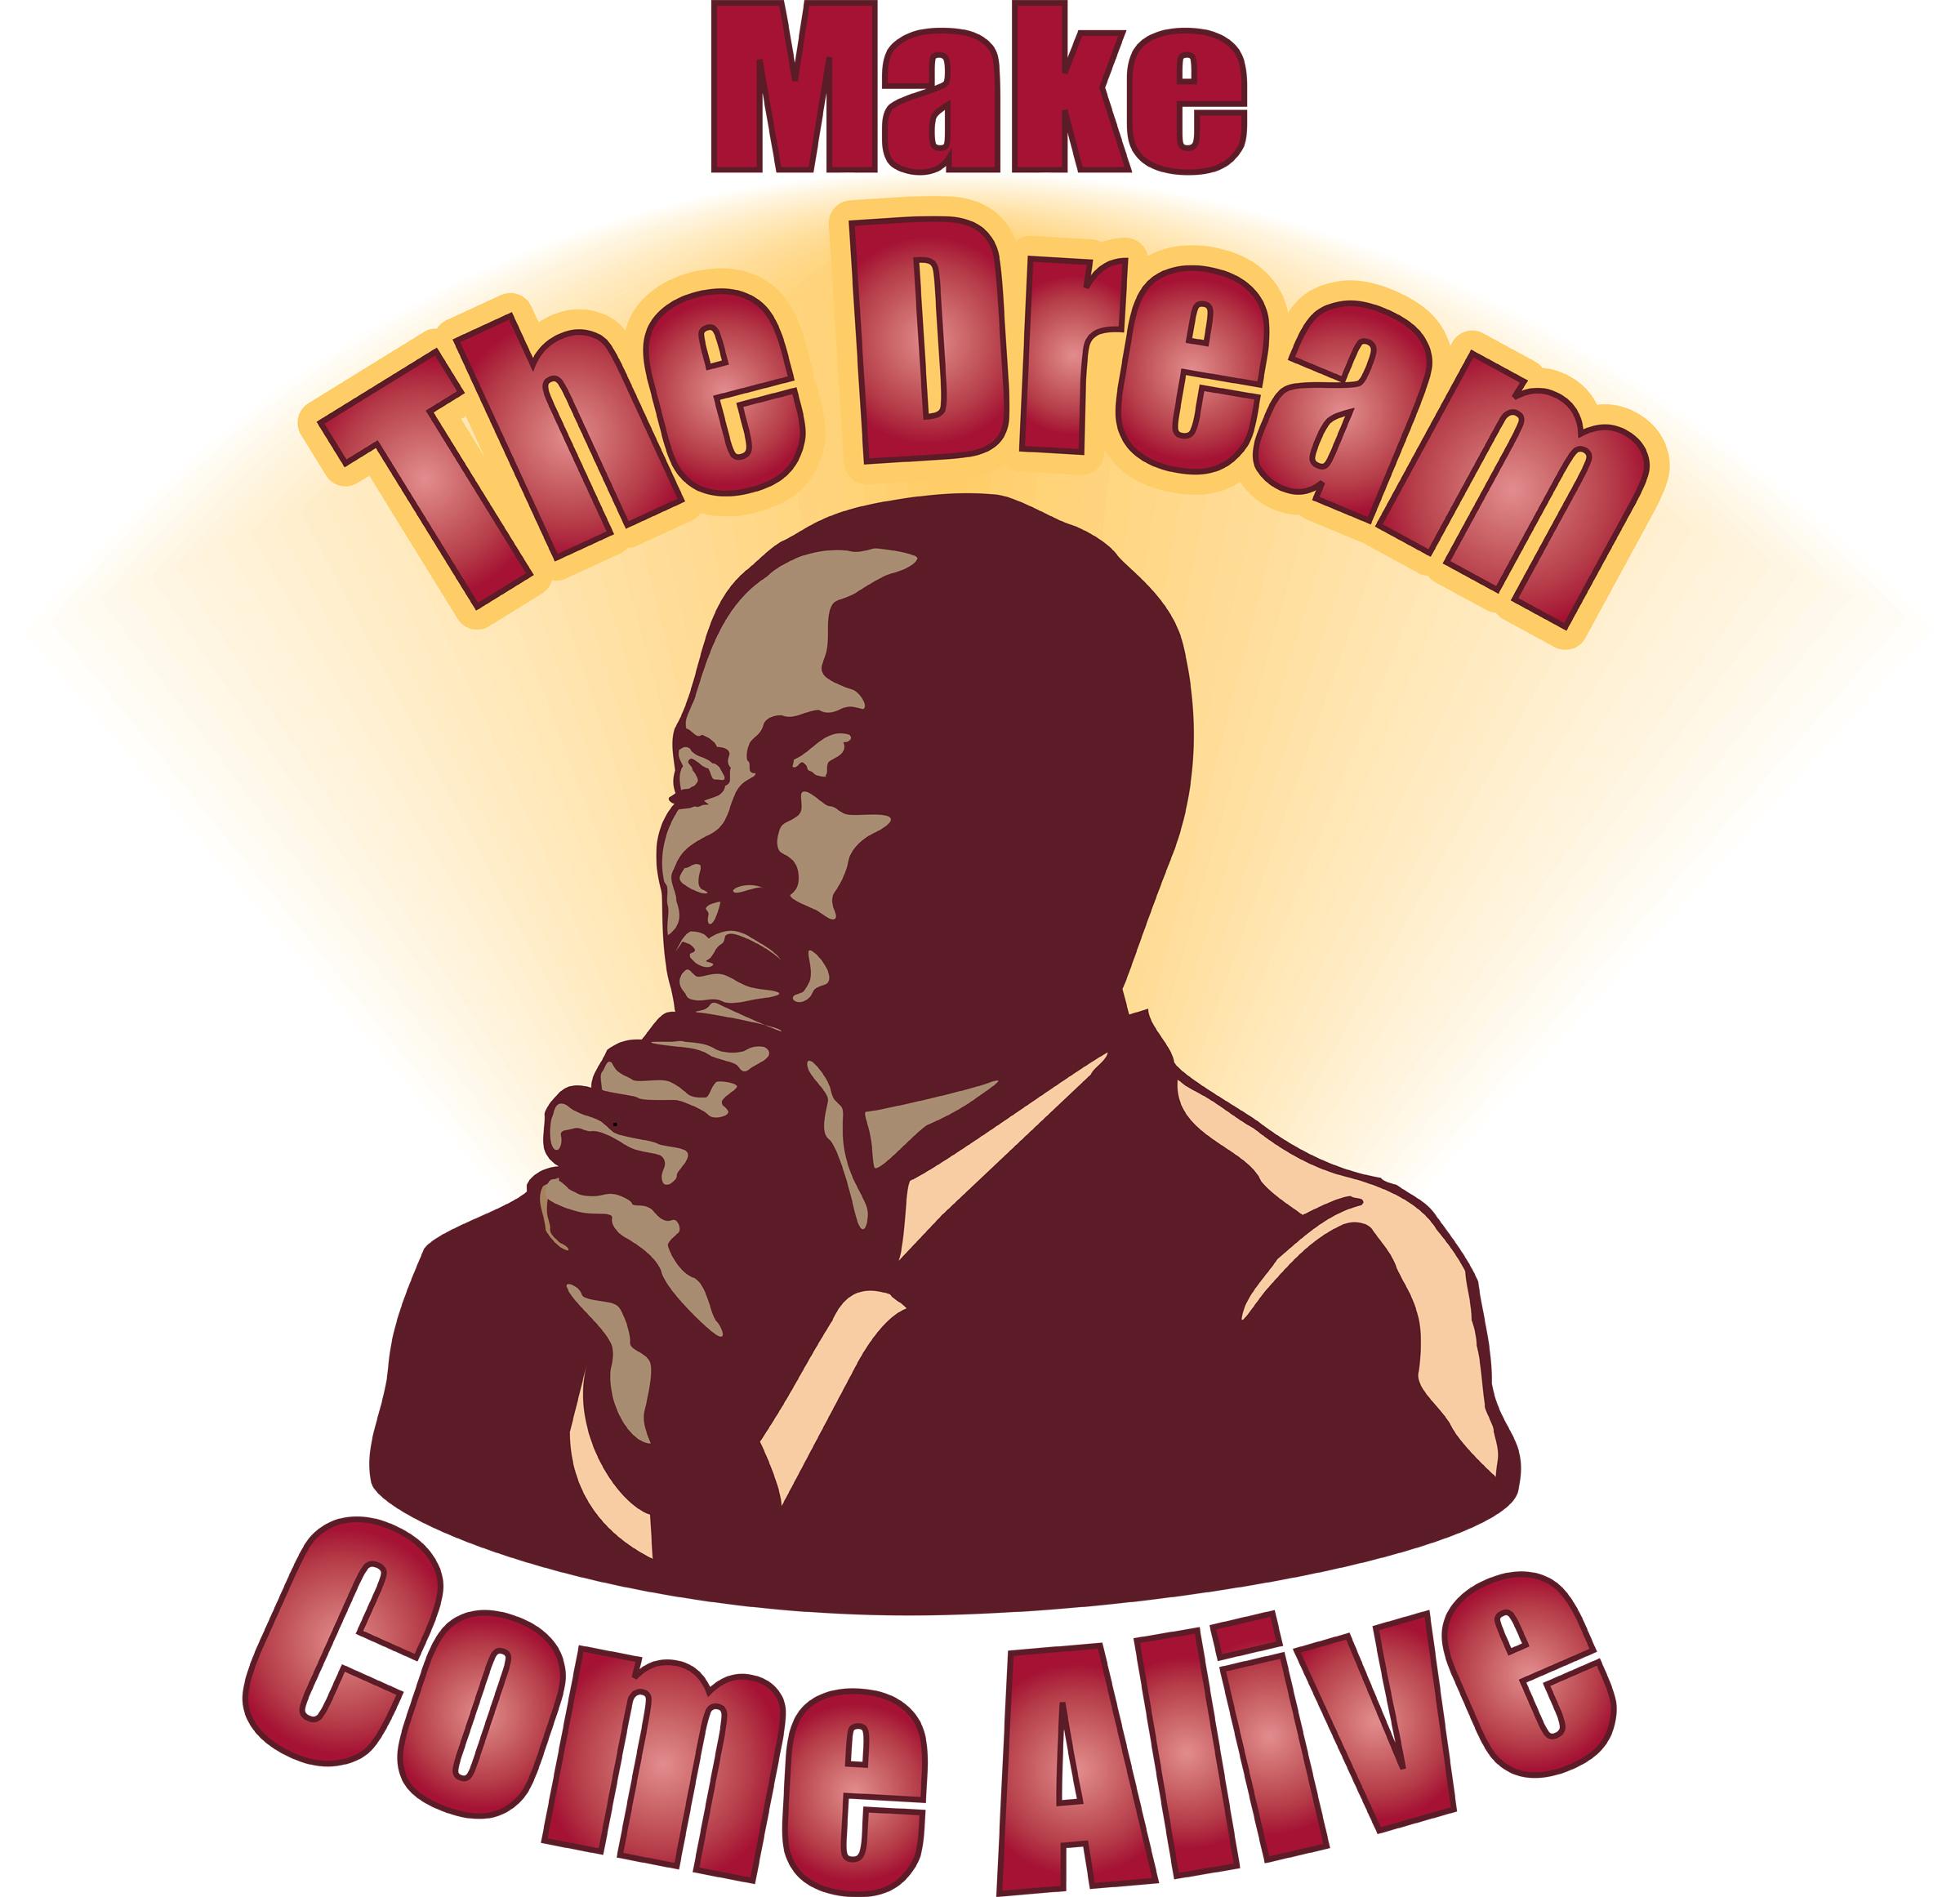 MLK dream meme